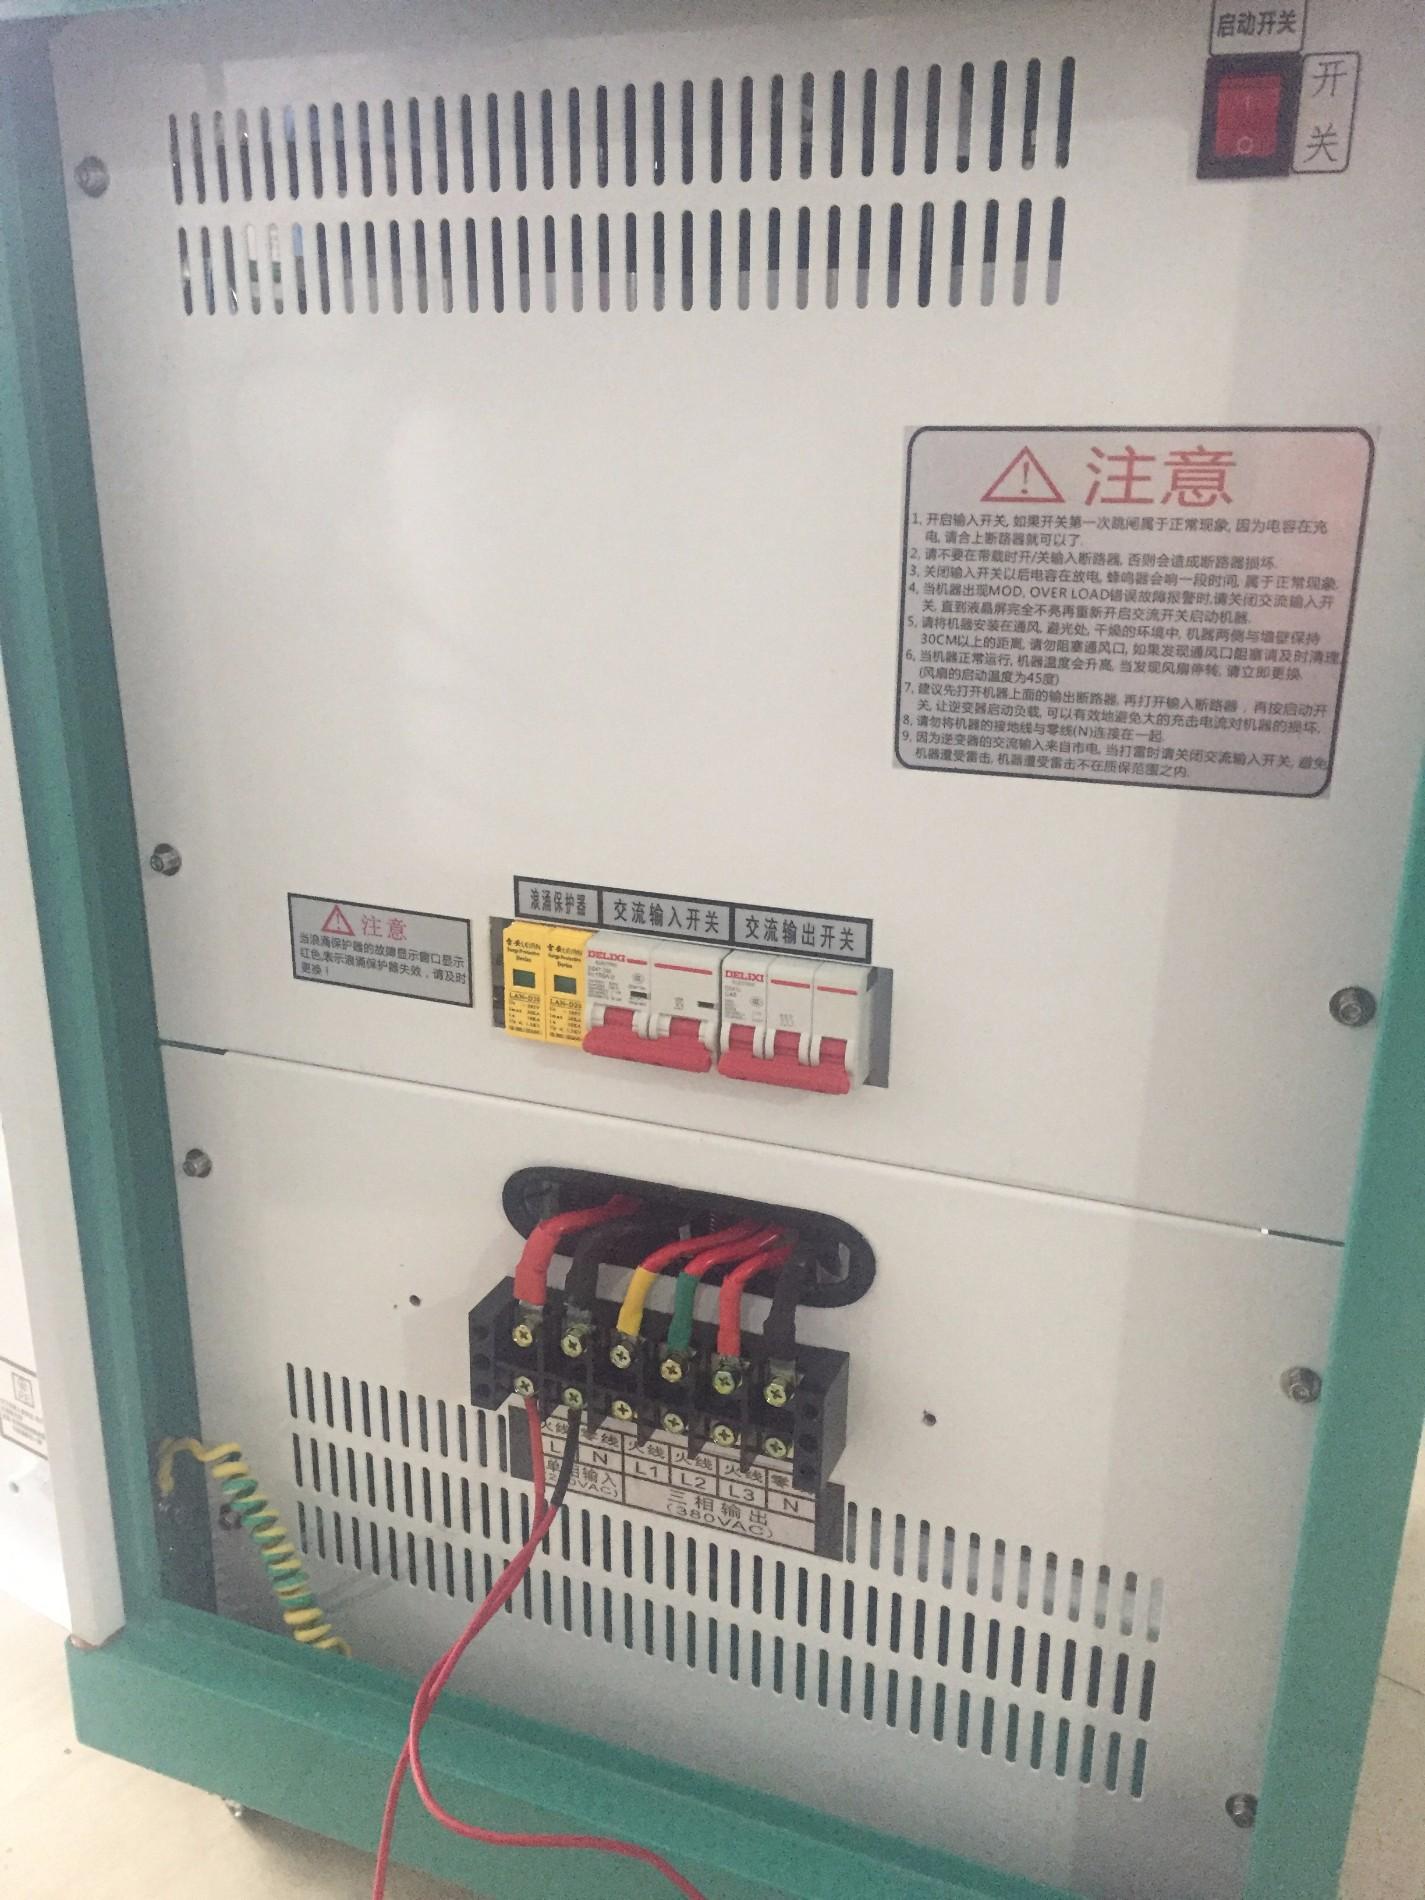 120/240v Dual Input Voltage Converter